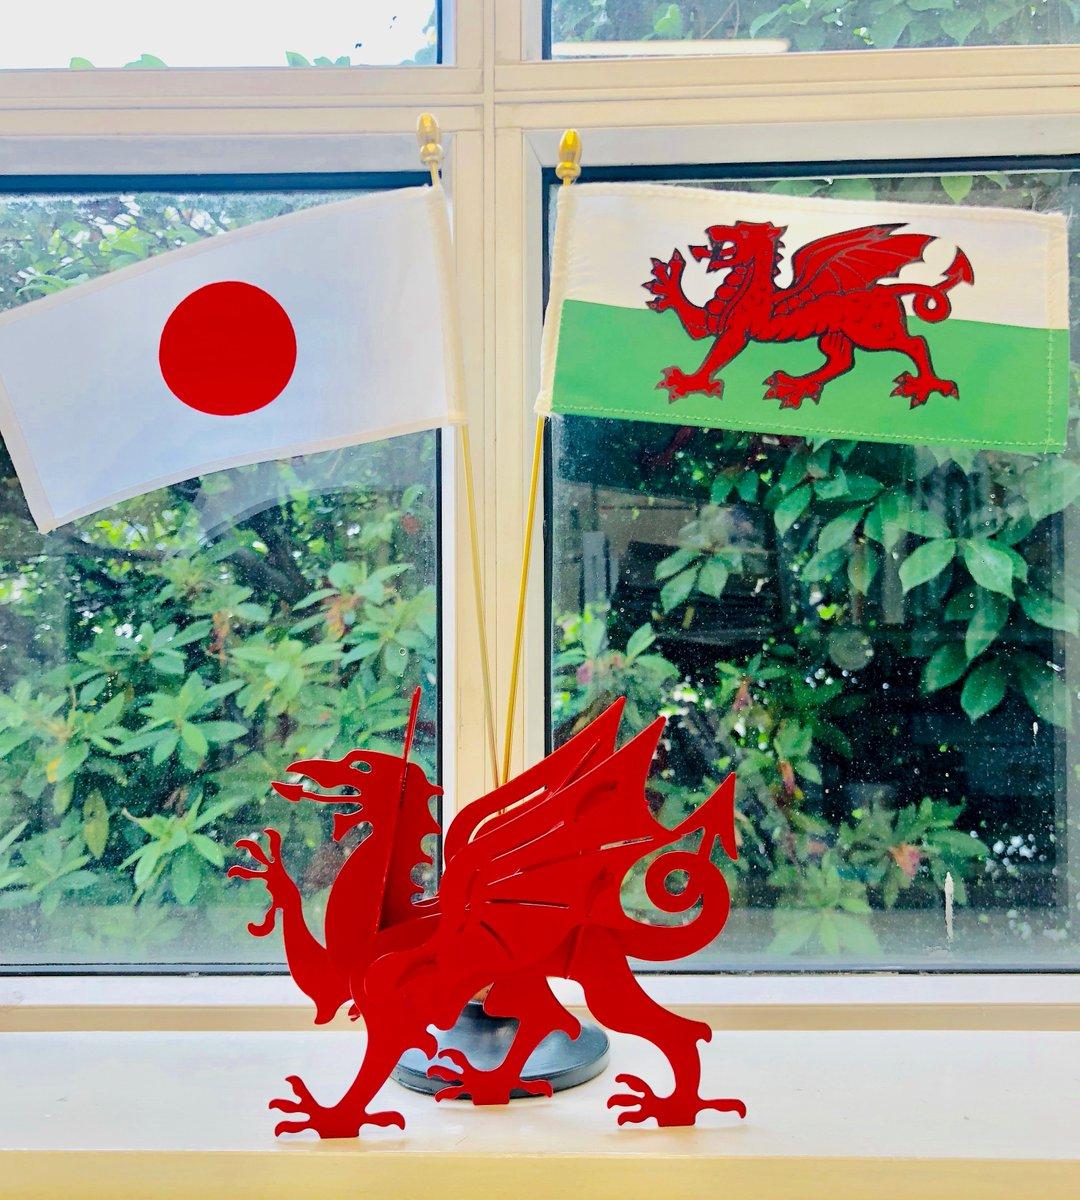 昨日のRWC2019の試合では、試合開始前に台風19号でご不幸に見舞われた皆様に観客と選手共にそれぞれのピッチで黙とうを捧げました。被災者の皆様に心よりお見舞い申し上げます。日本はスコットランドに、ウェールズは熊本にてウルグアイに快勝・ベスト8に。皆様へパワーをお送りできればと願います。